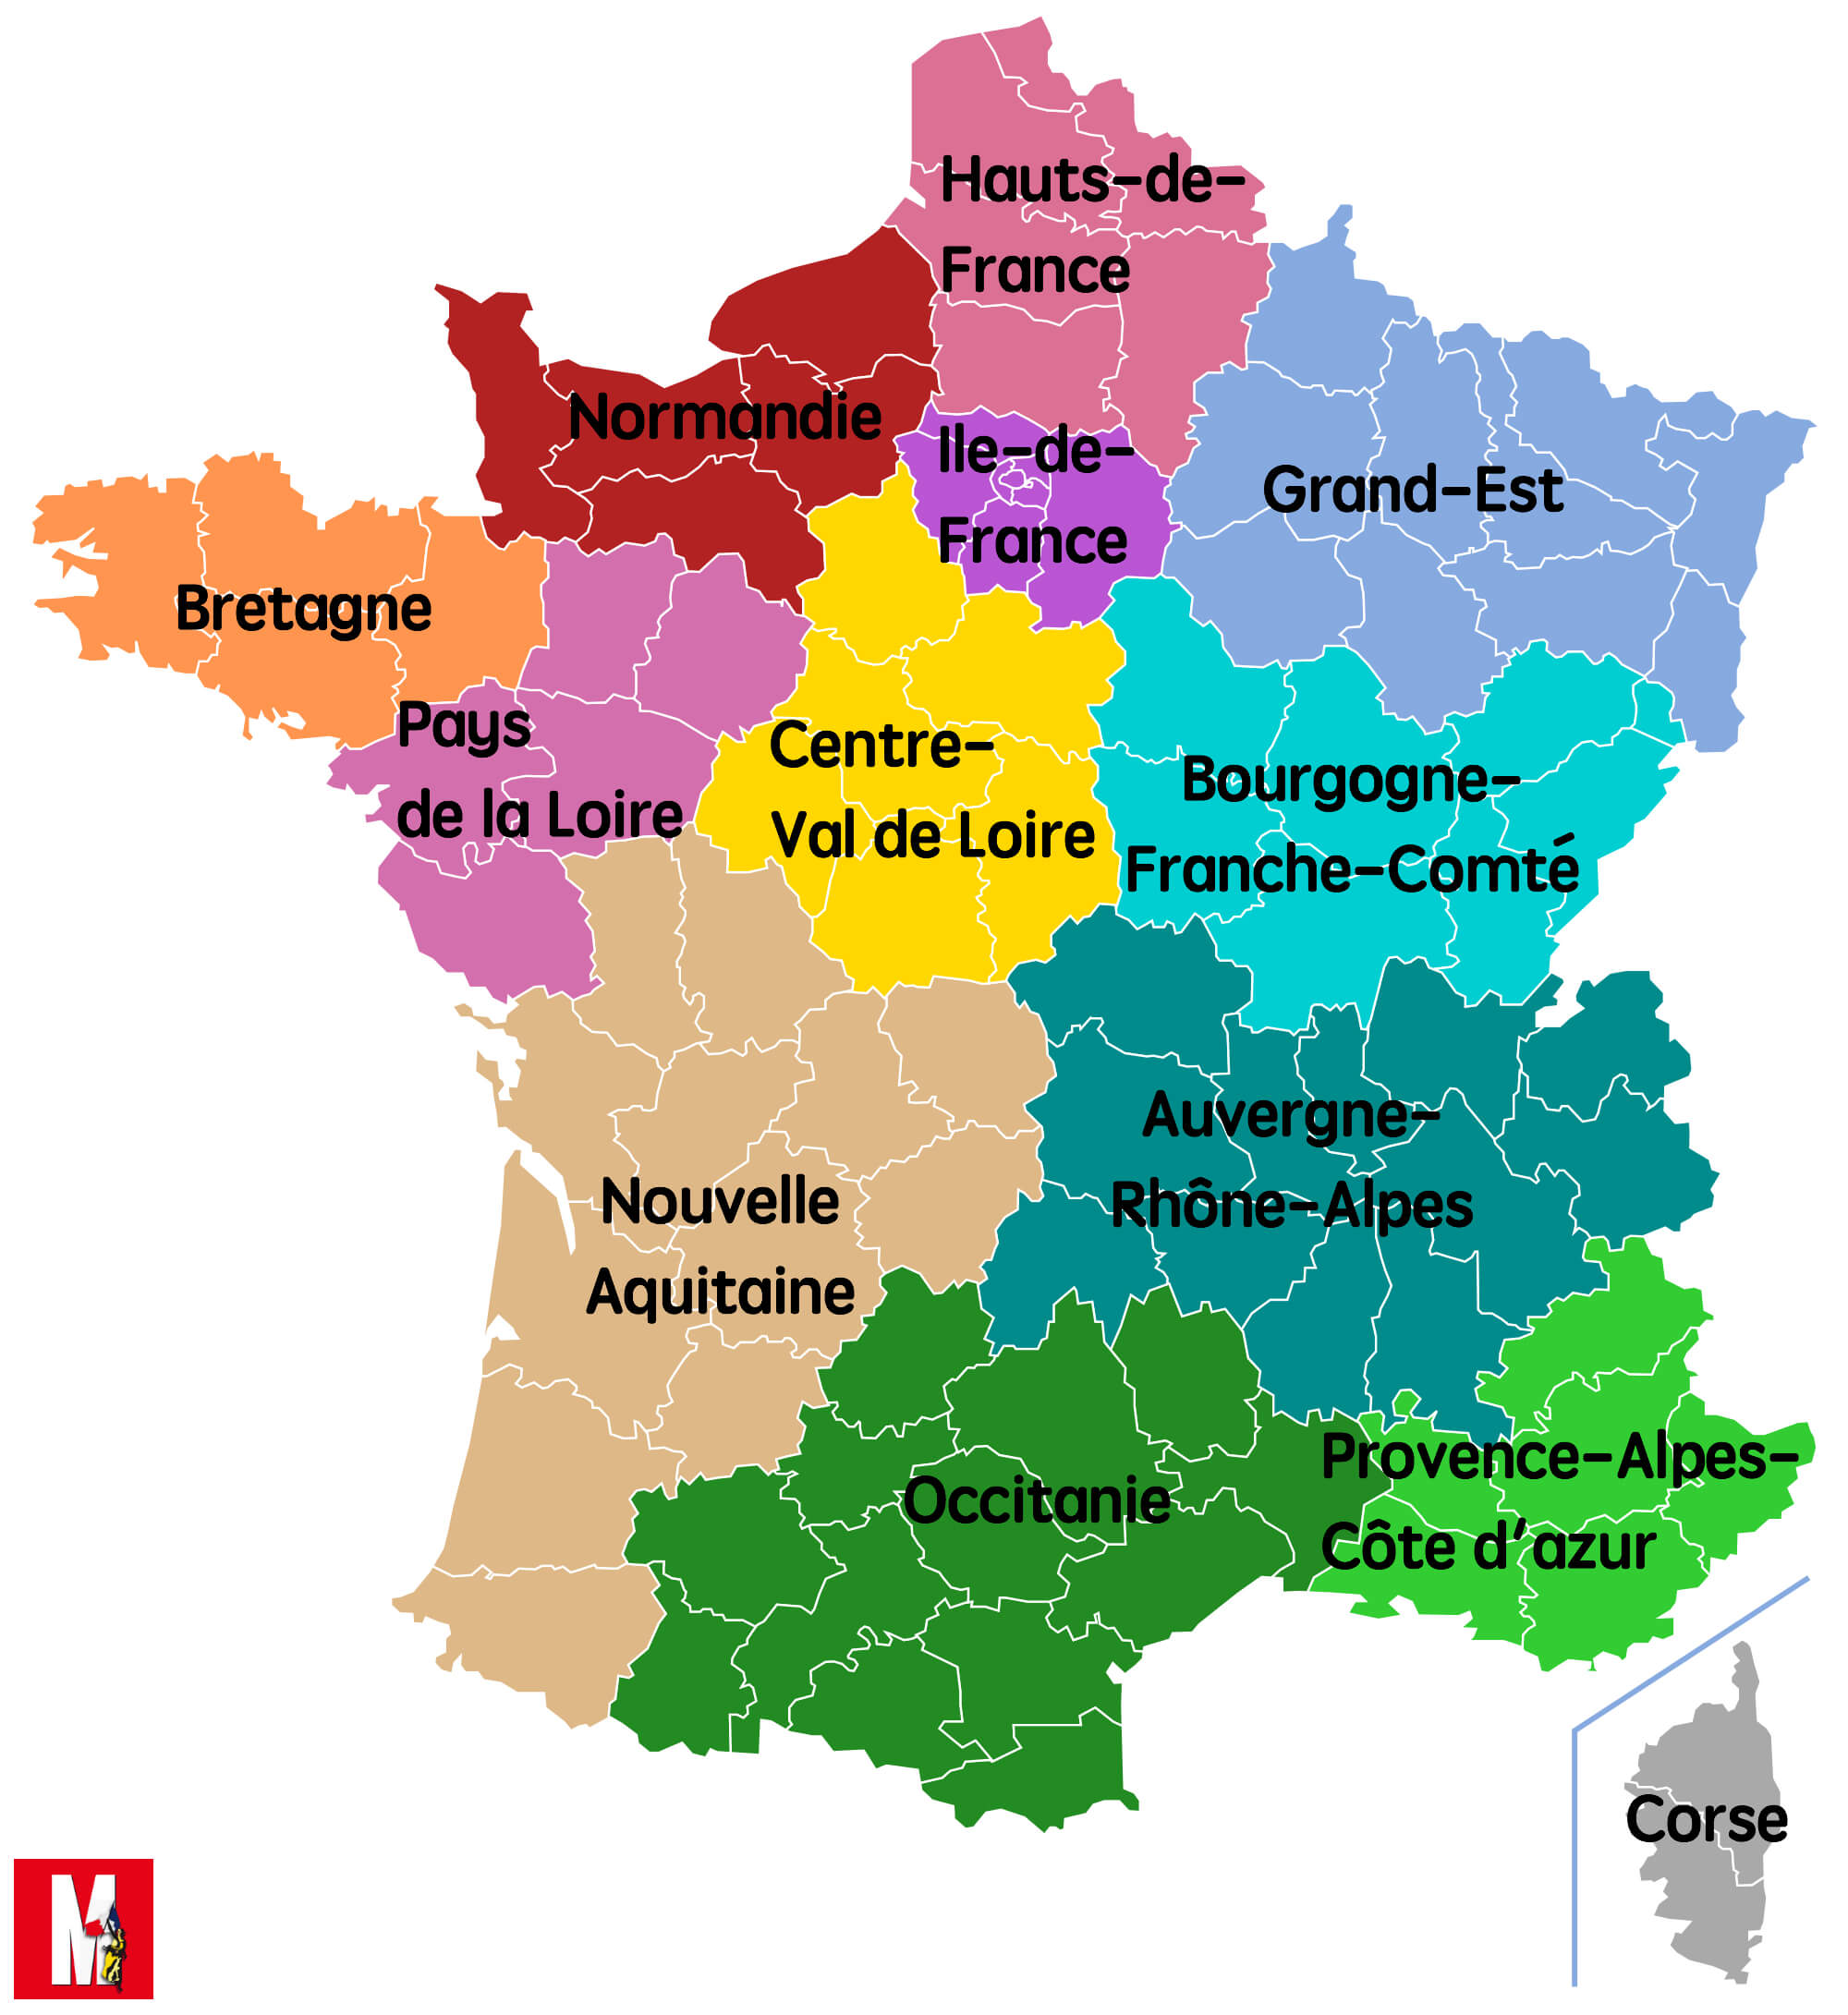 Les nouvelles grandes régions